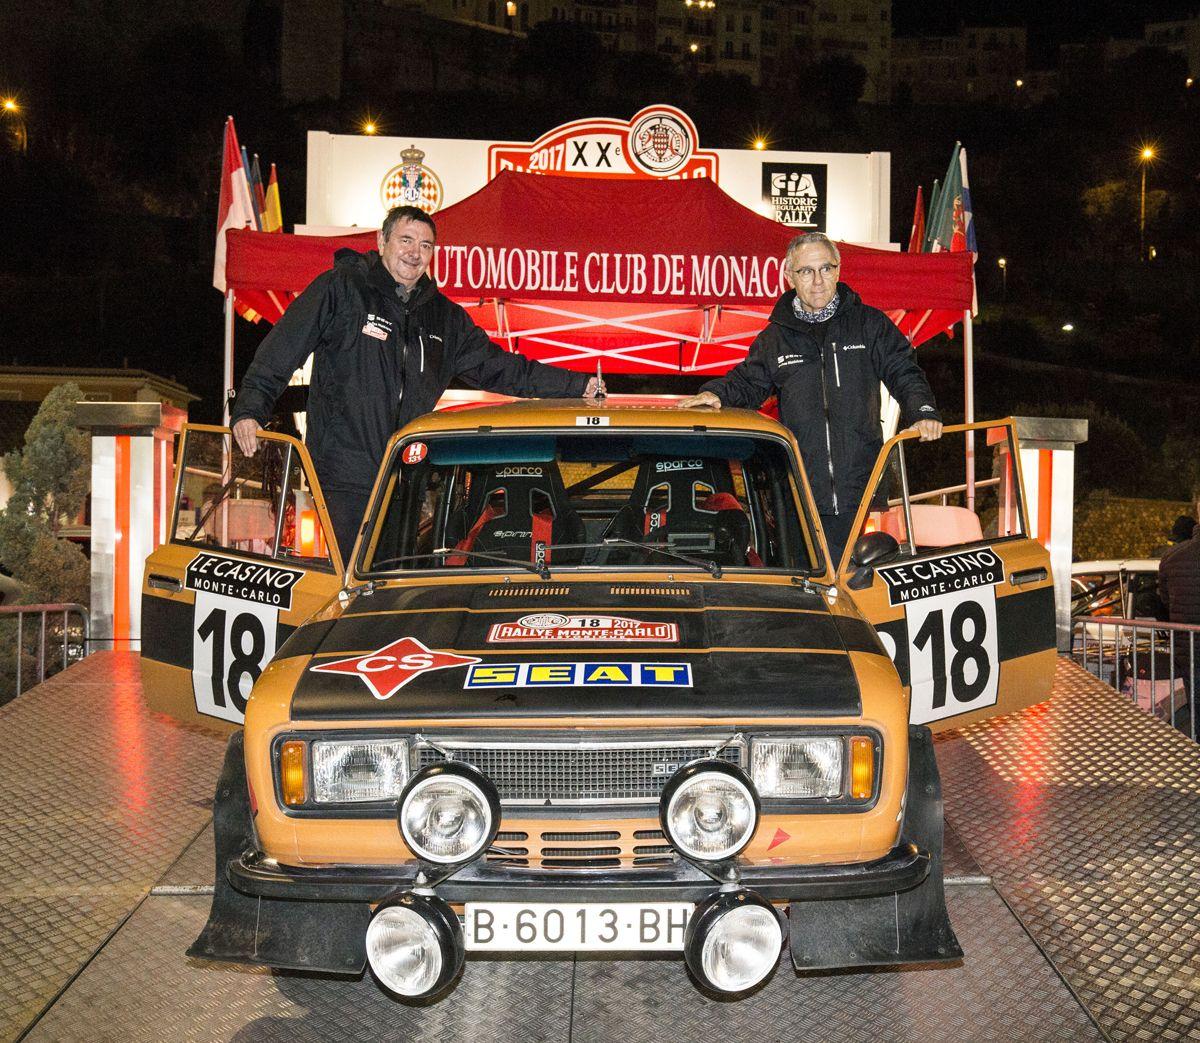 1.Salvador-Caellas-derecha-y-Daniel-Ferrater-izquierda-en-el-podio-de-llegada-de-Mnaco-con-el-124-Especial-grupo-4-de-SEAT-Coches-Histricos